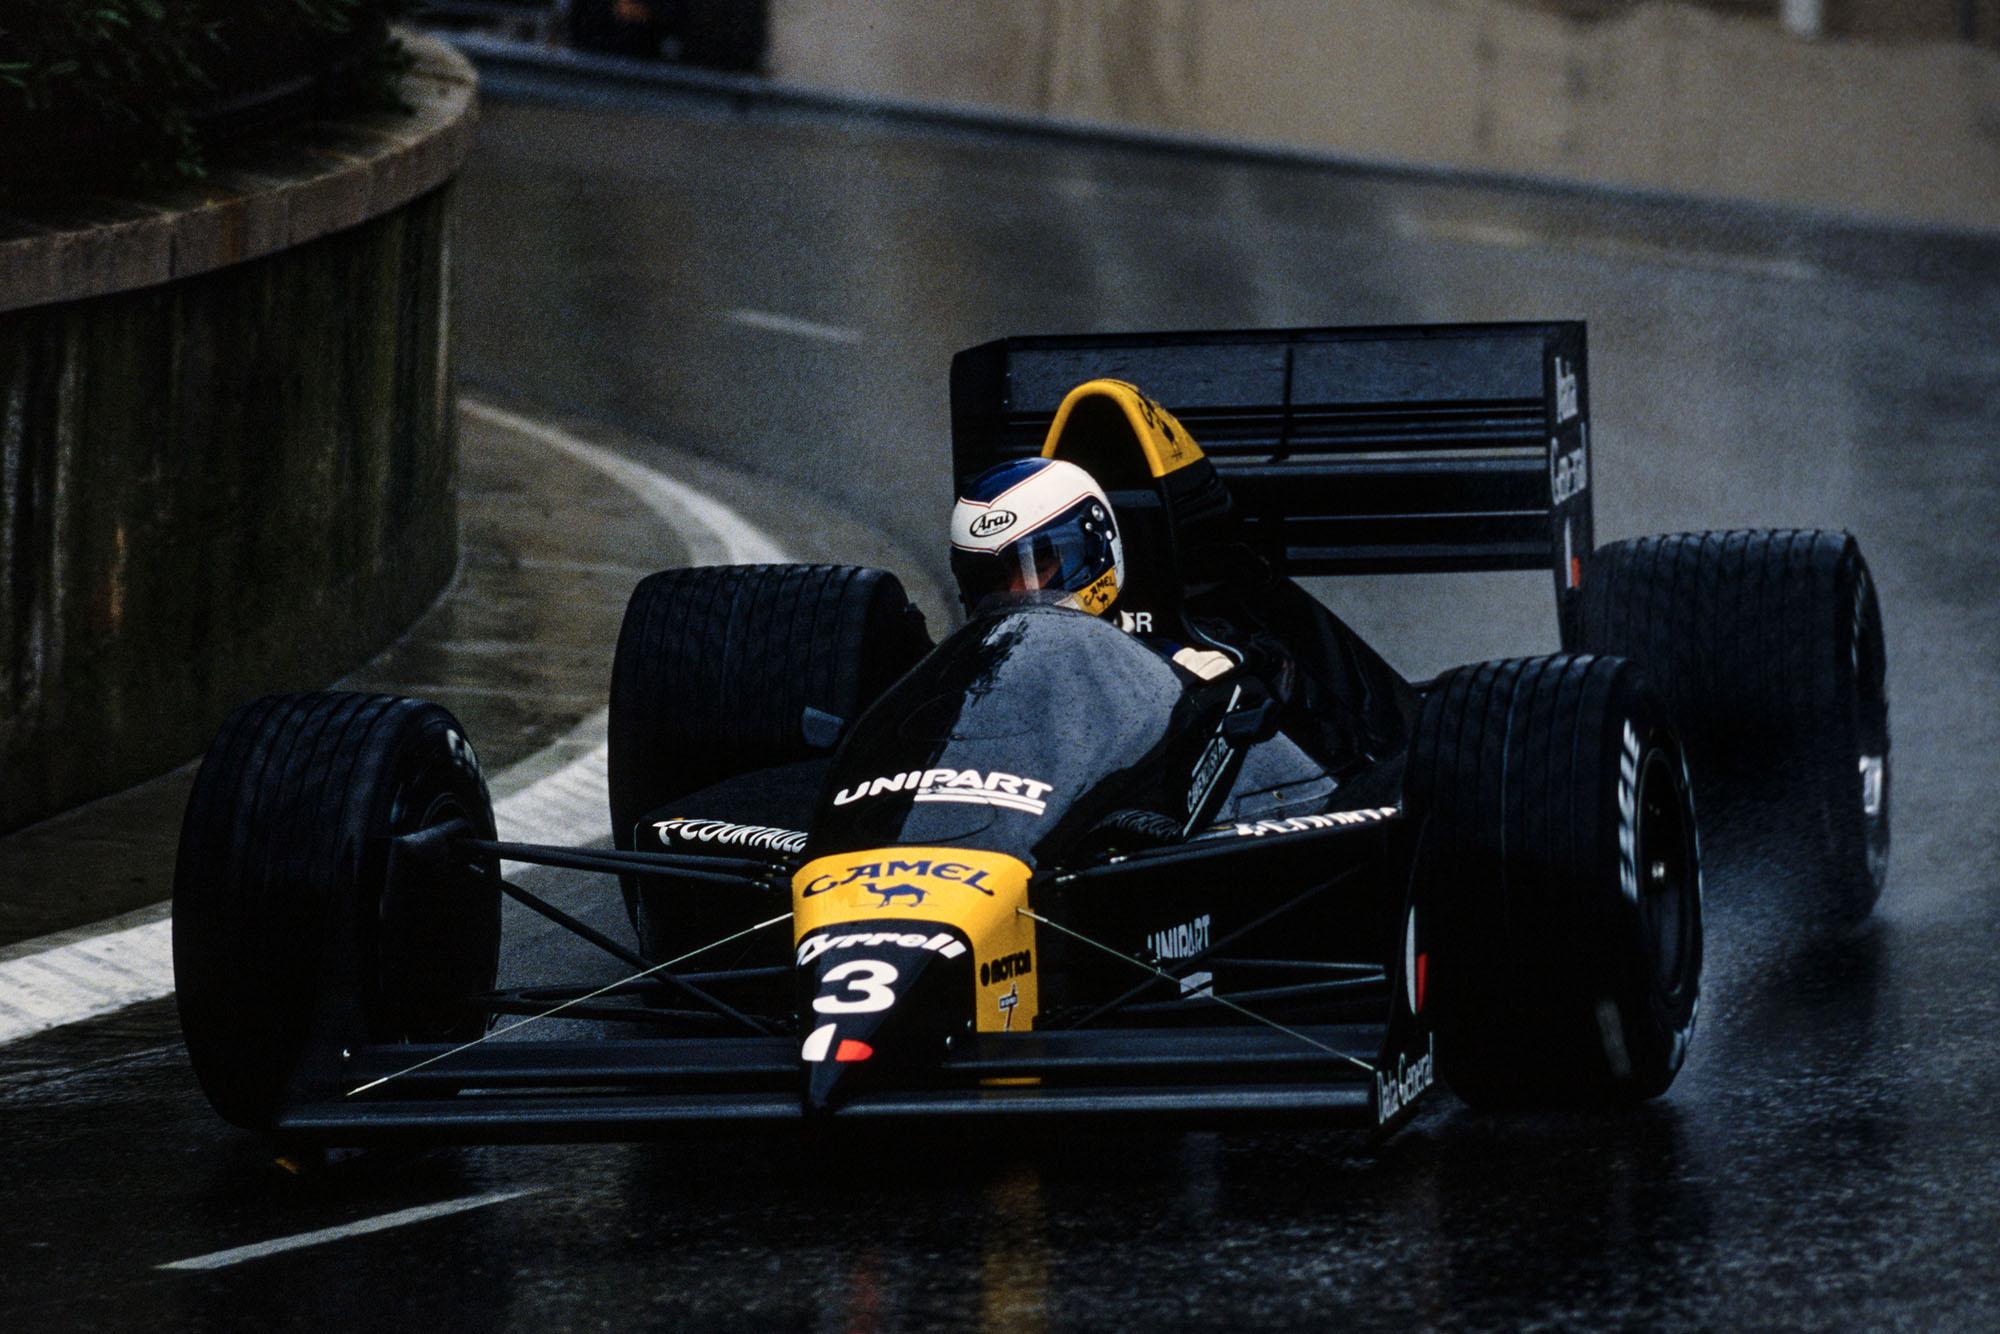 1988 MON GP Palmer